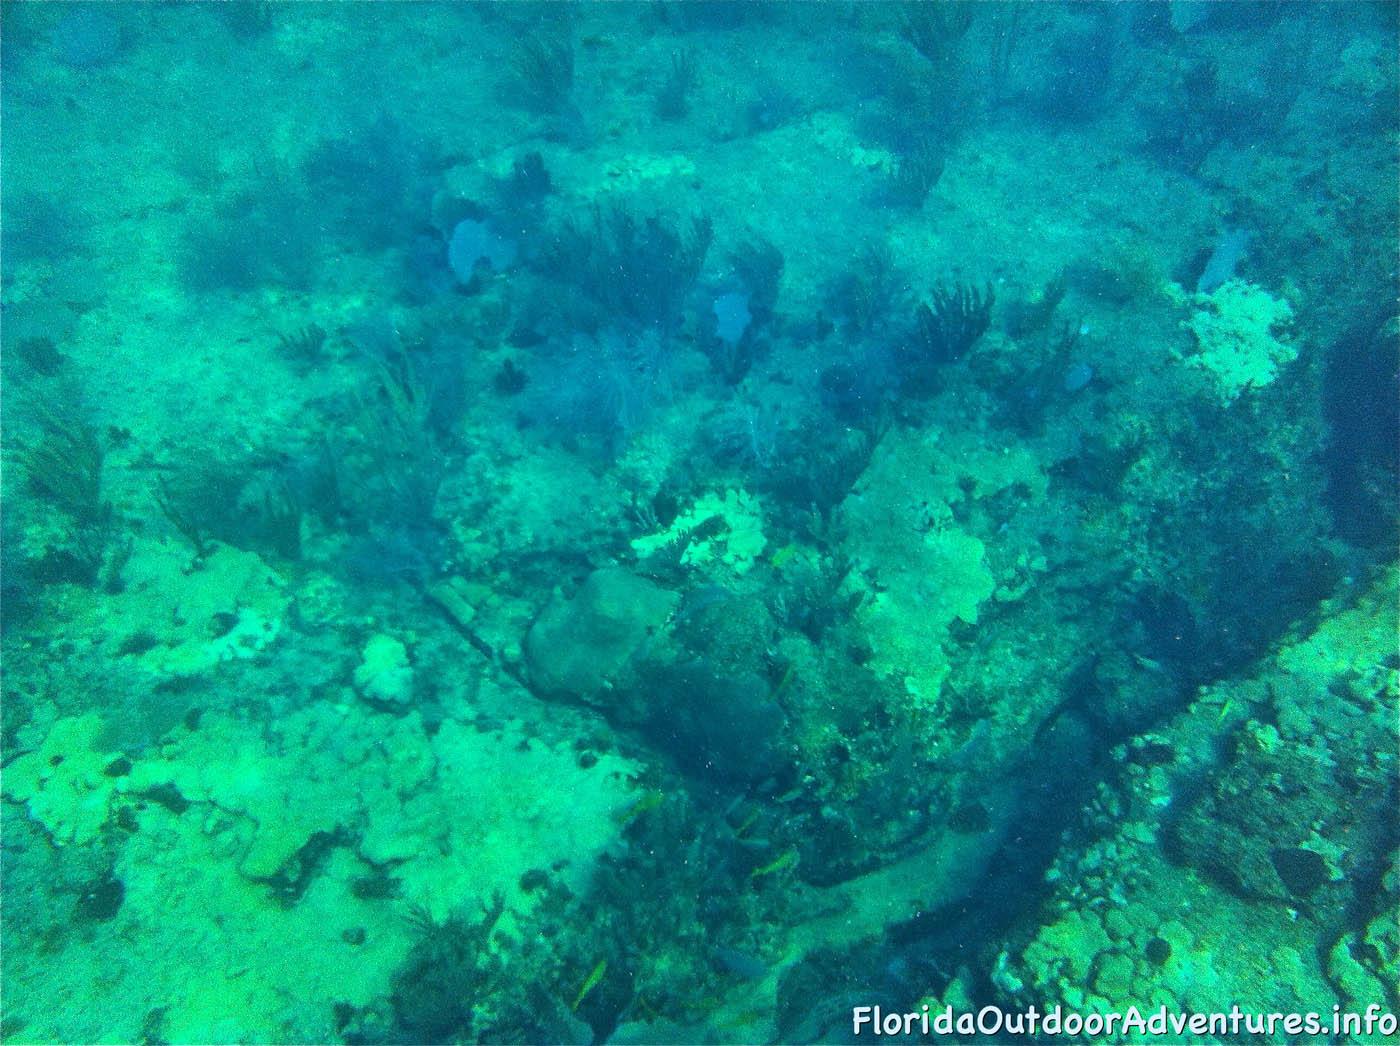 floridaoutdooradventures.info-05.jpg